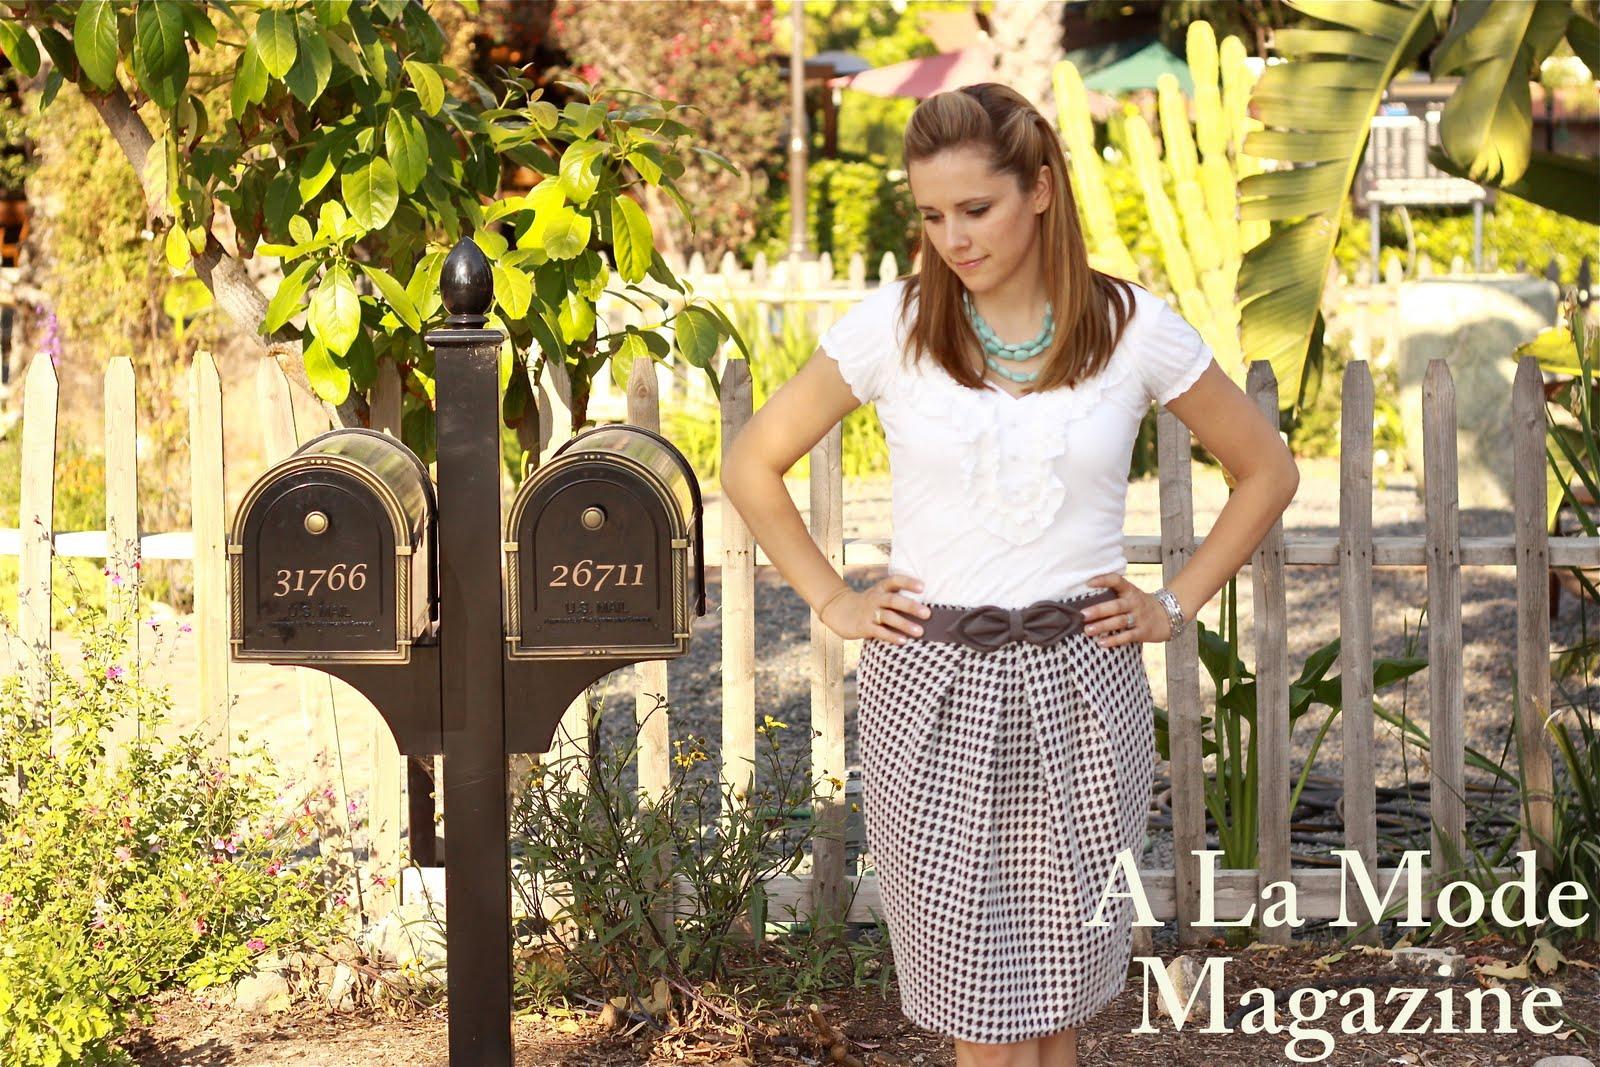 A La Mode Magazine